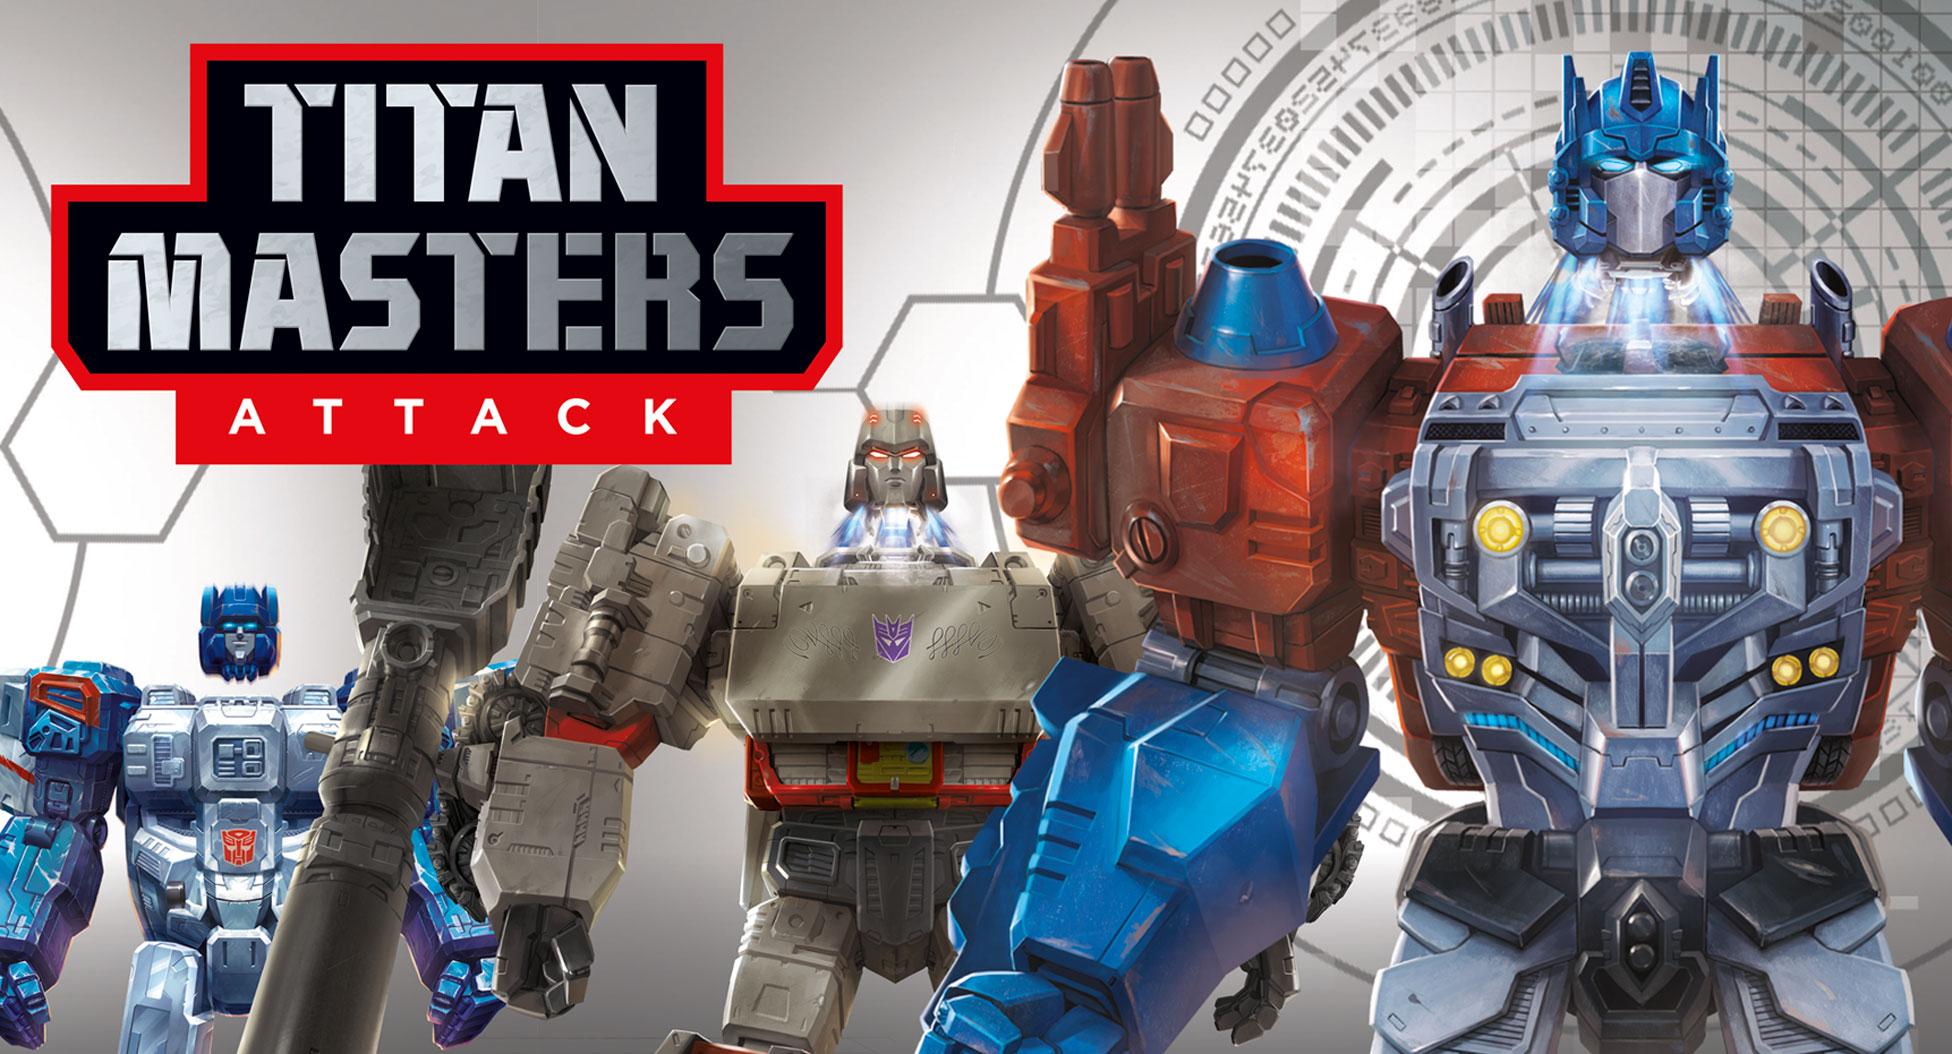 Titan Master Attack